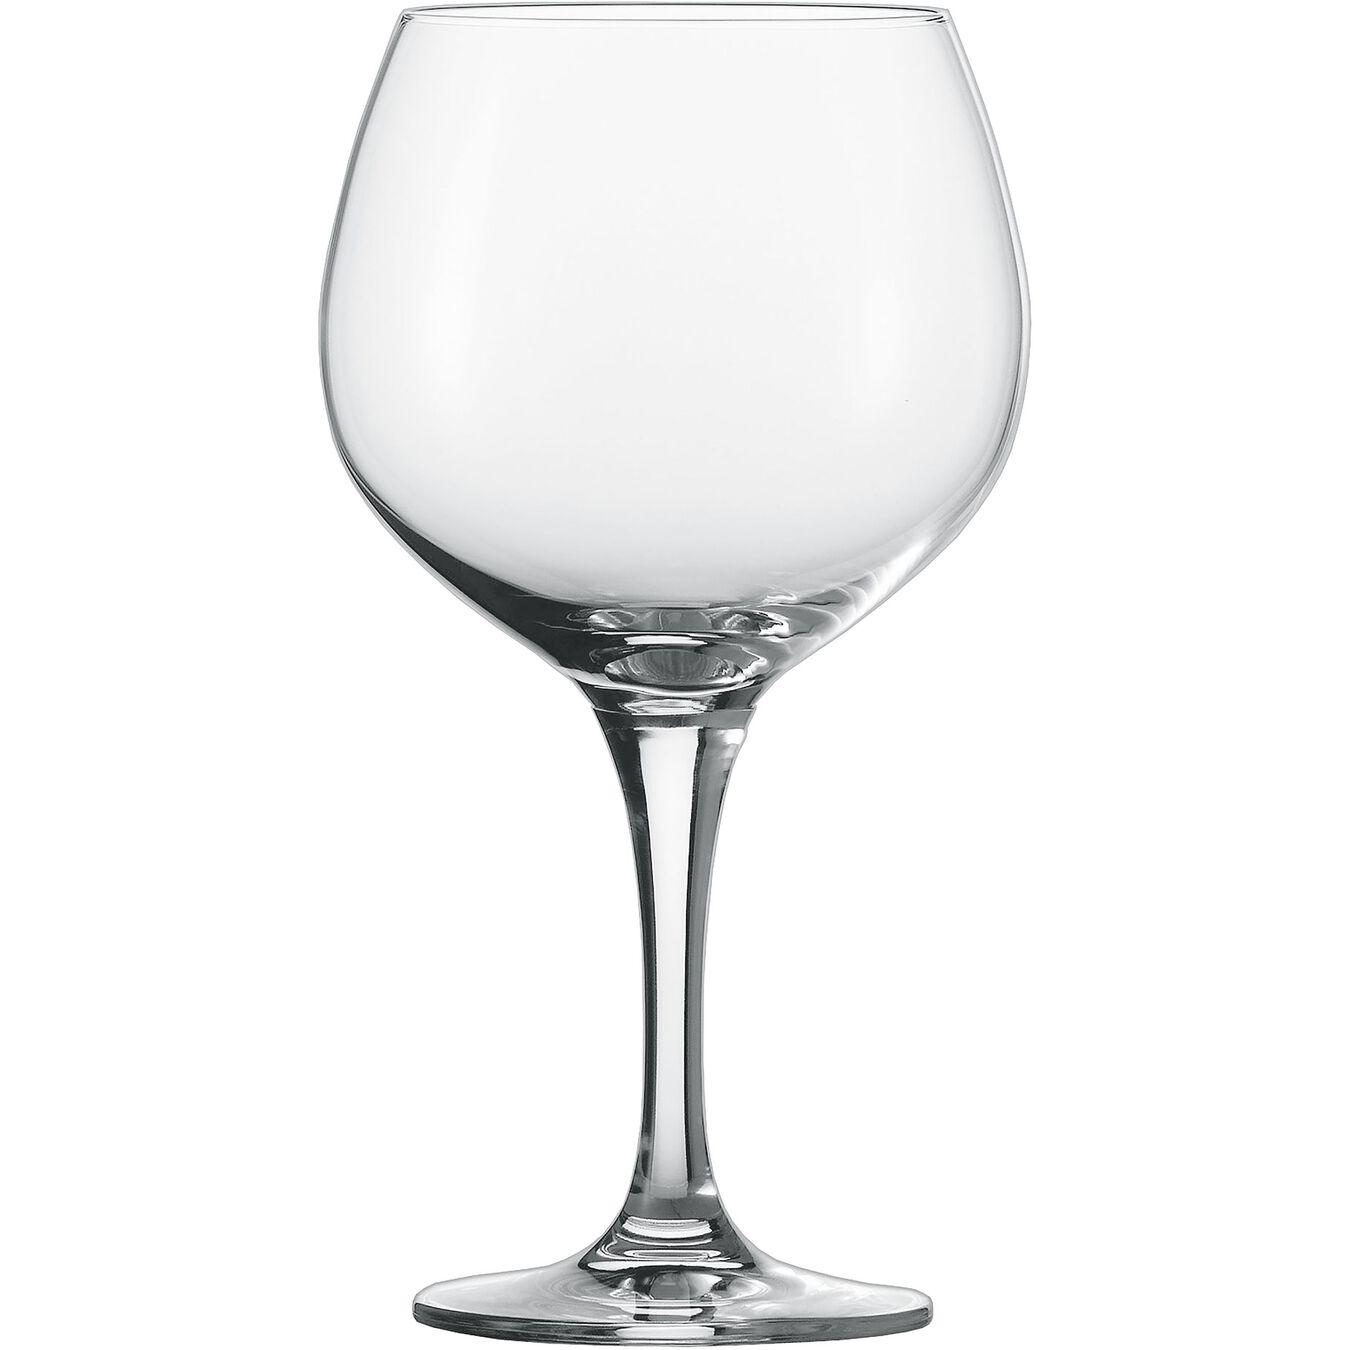 Kırmızı Şarap Kadehi, 610 ml,,large 1